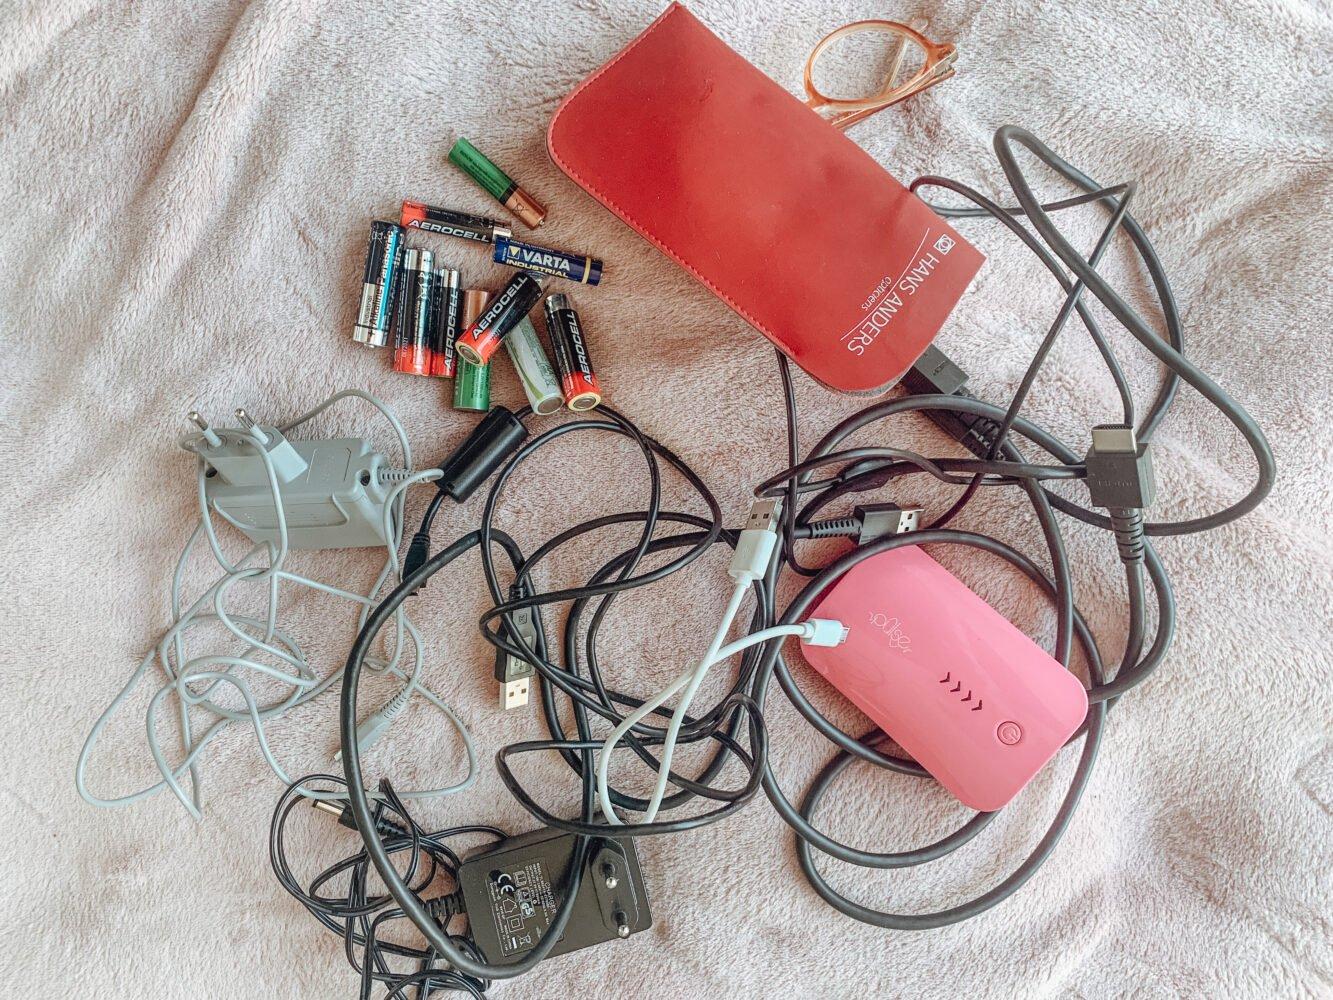 Het Gezinsleven - Lifestyle - Huishouden - Minimalisme challenge - 465 dingen weg doen in 30 dagen! - Batterijen en oude snoeren